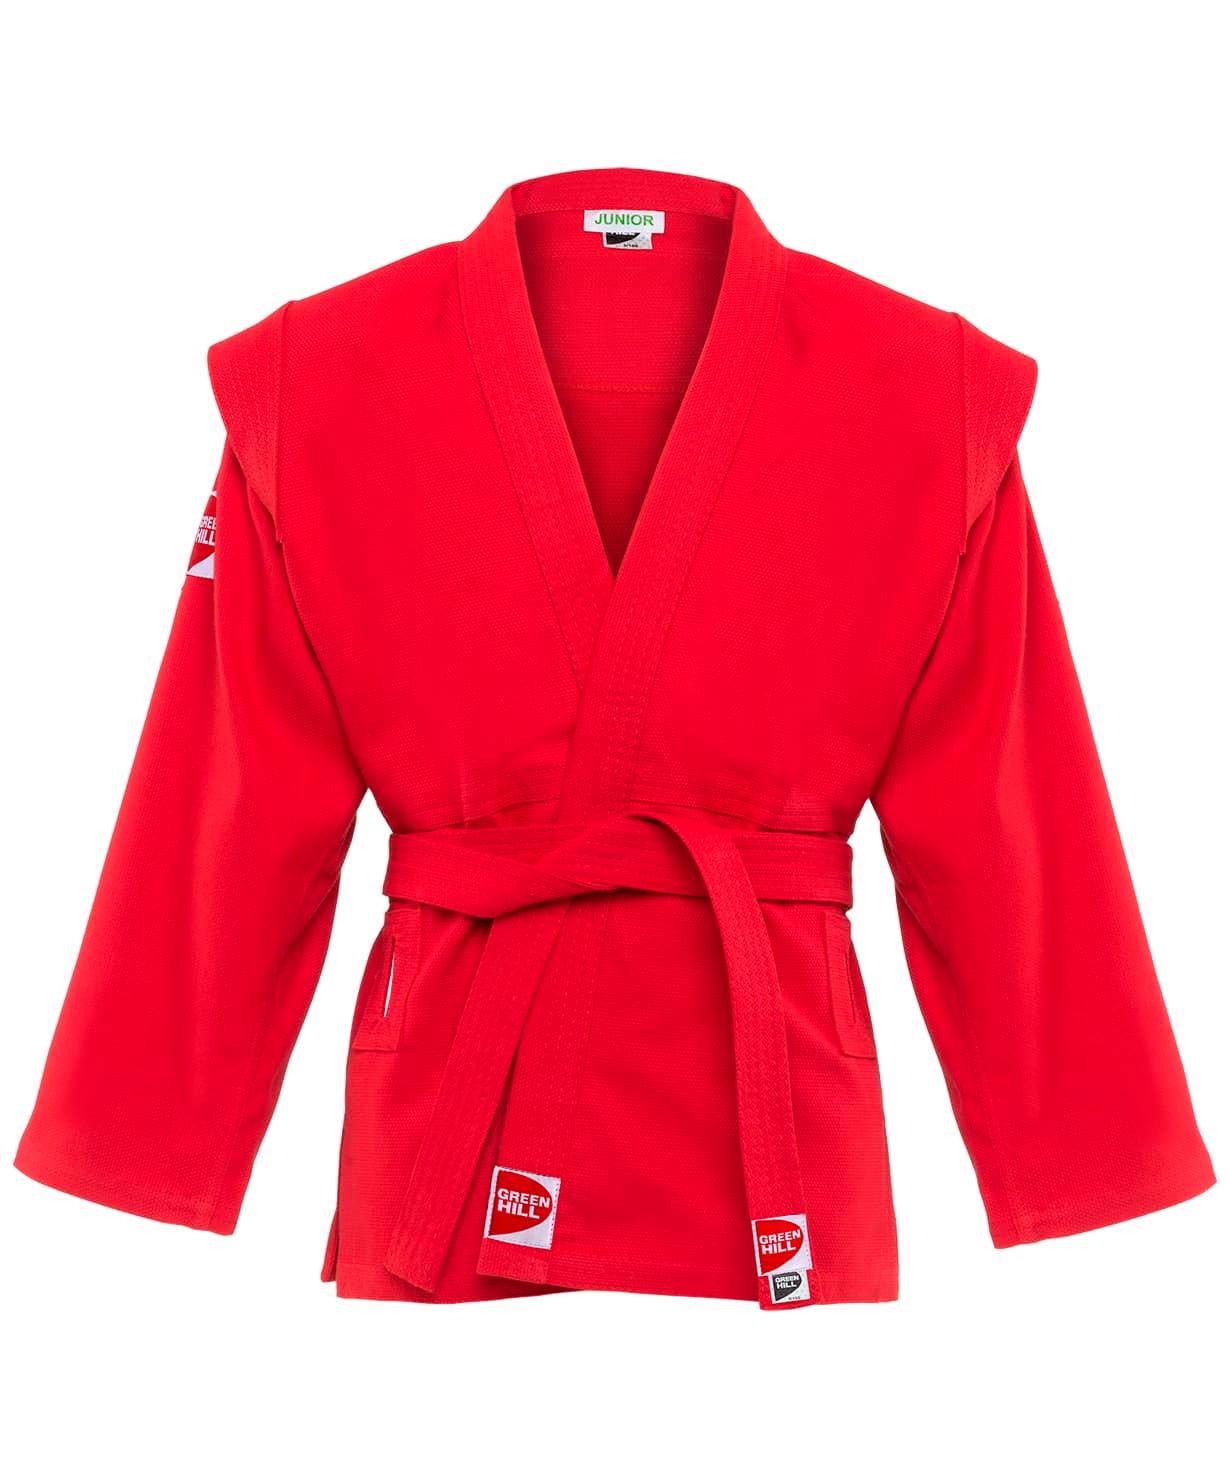 Куртка для самбо Junior SCJ-2201, красный, р.1/140